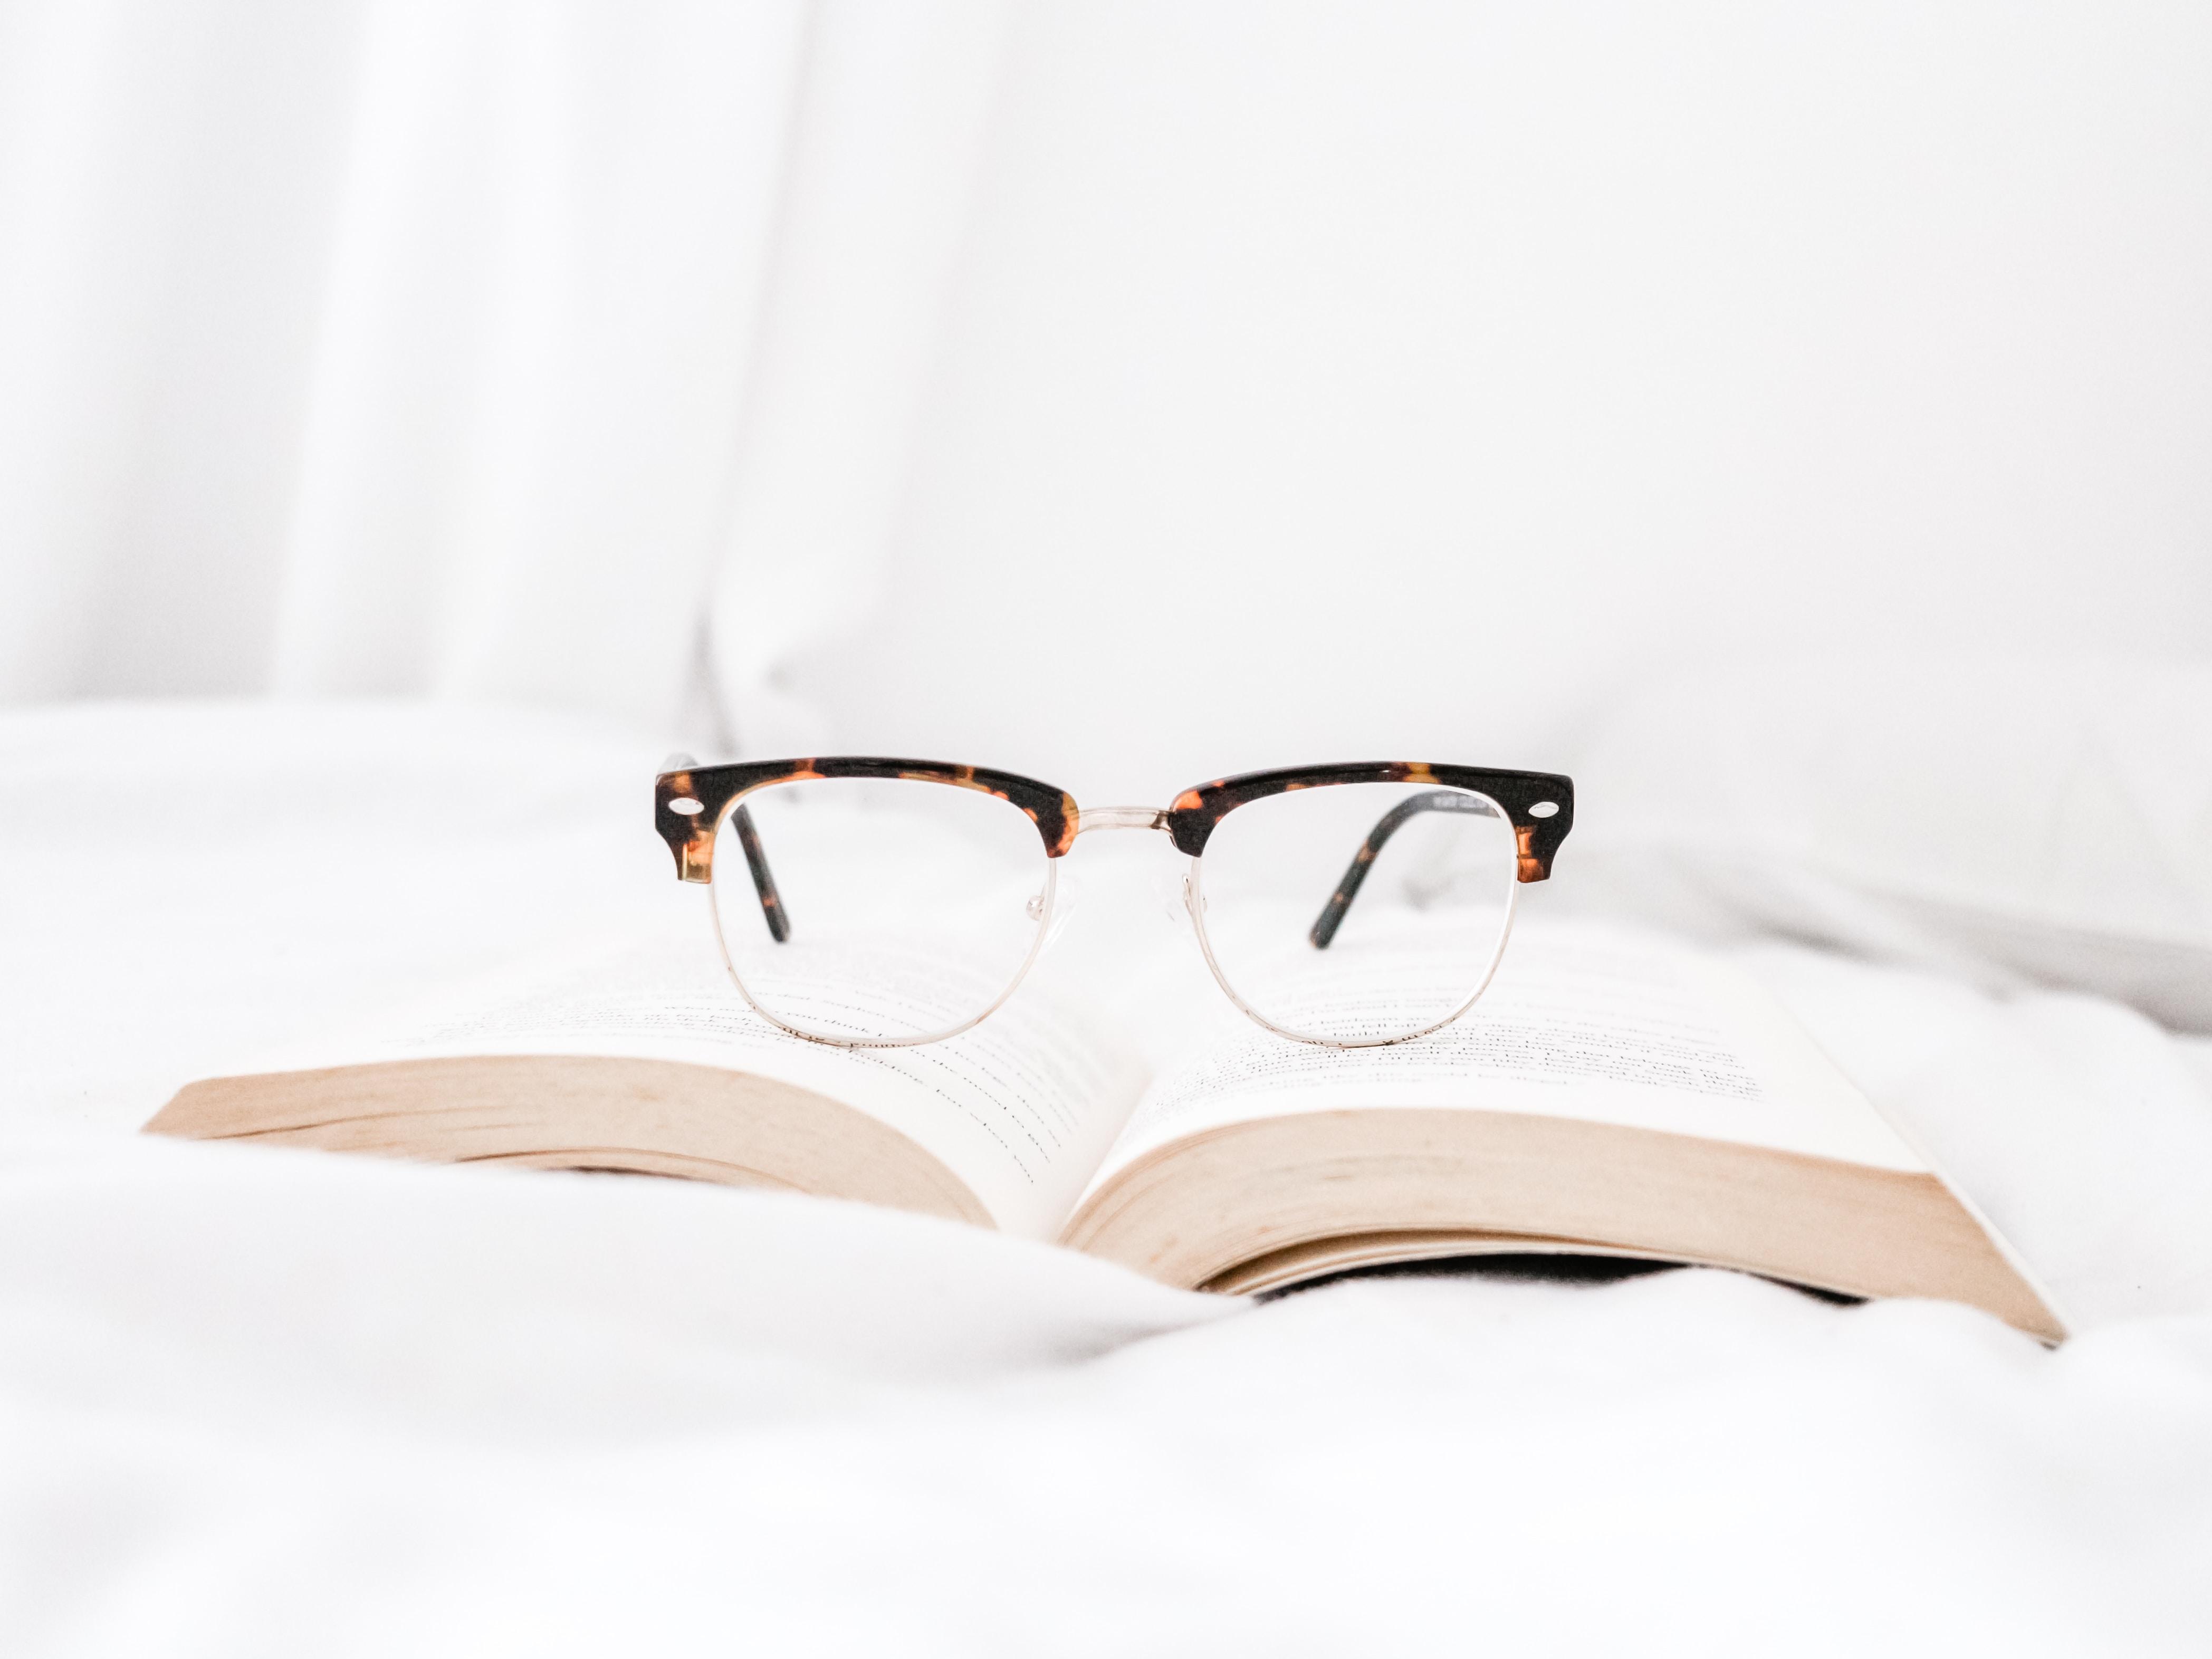 eyeglasses with tortoiseshell cat frames on book